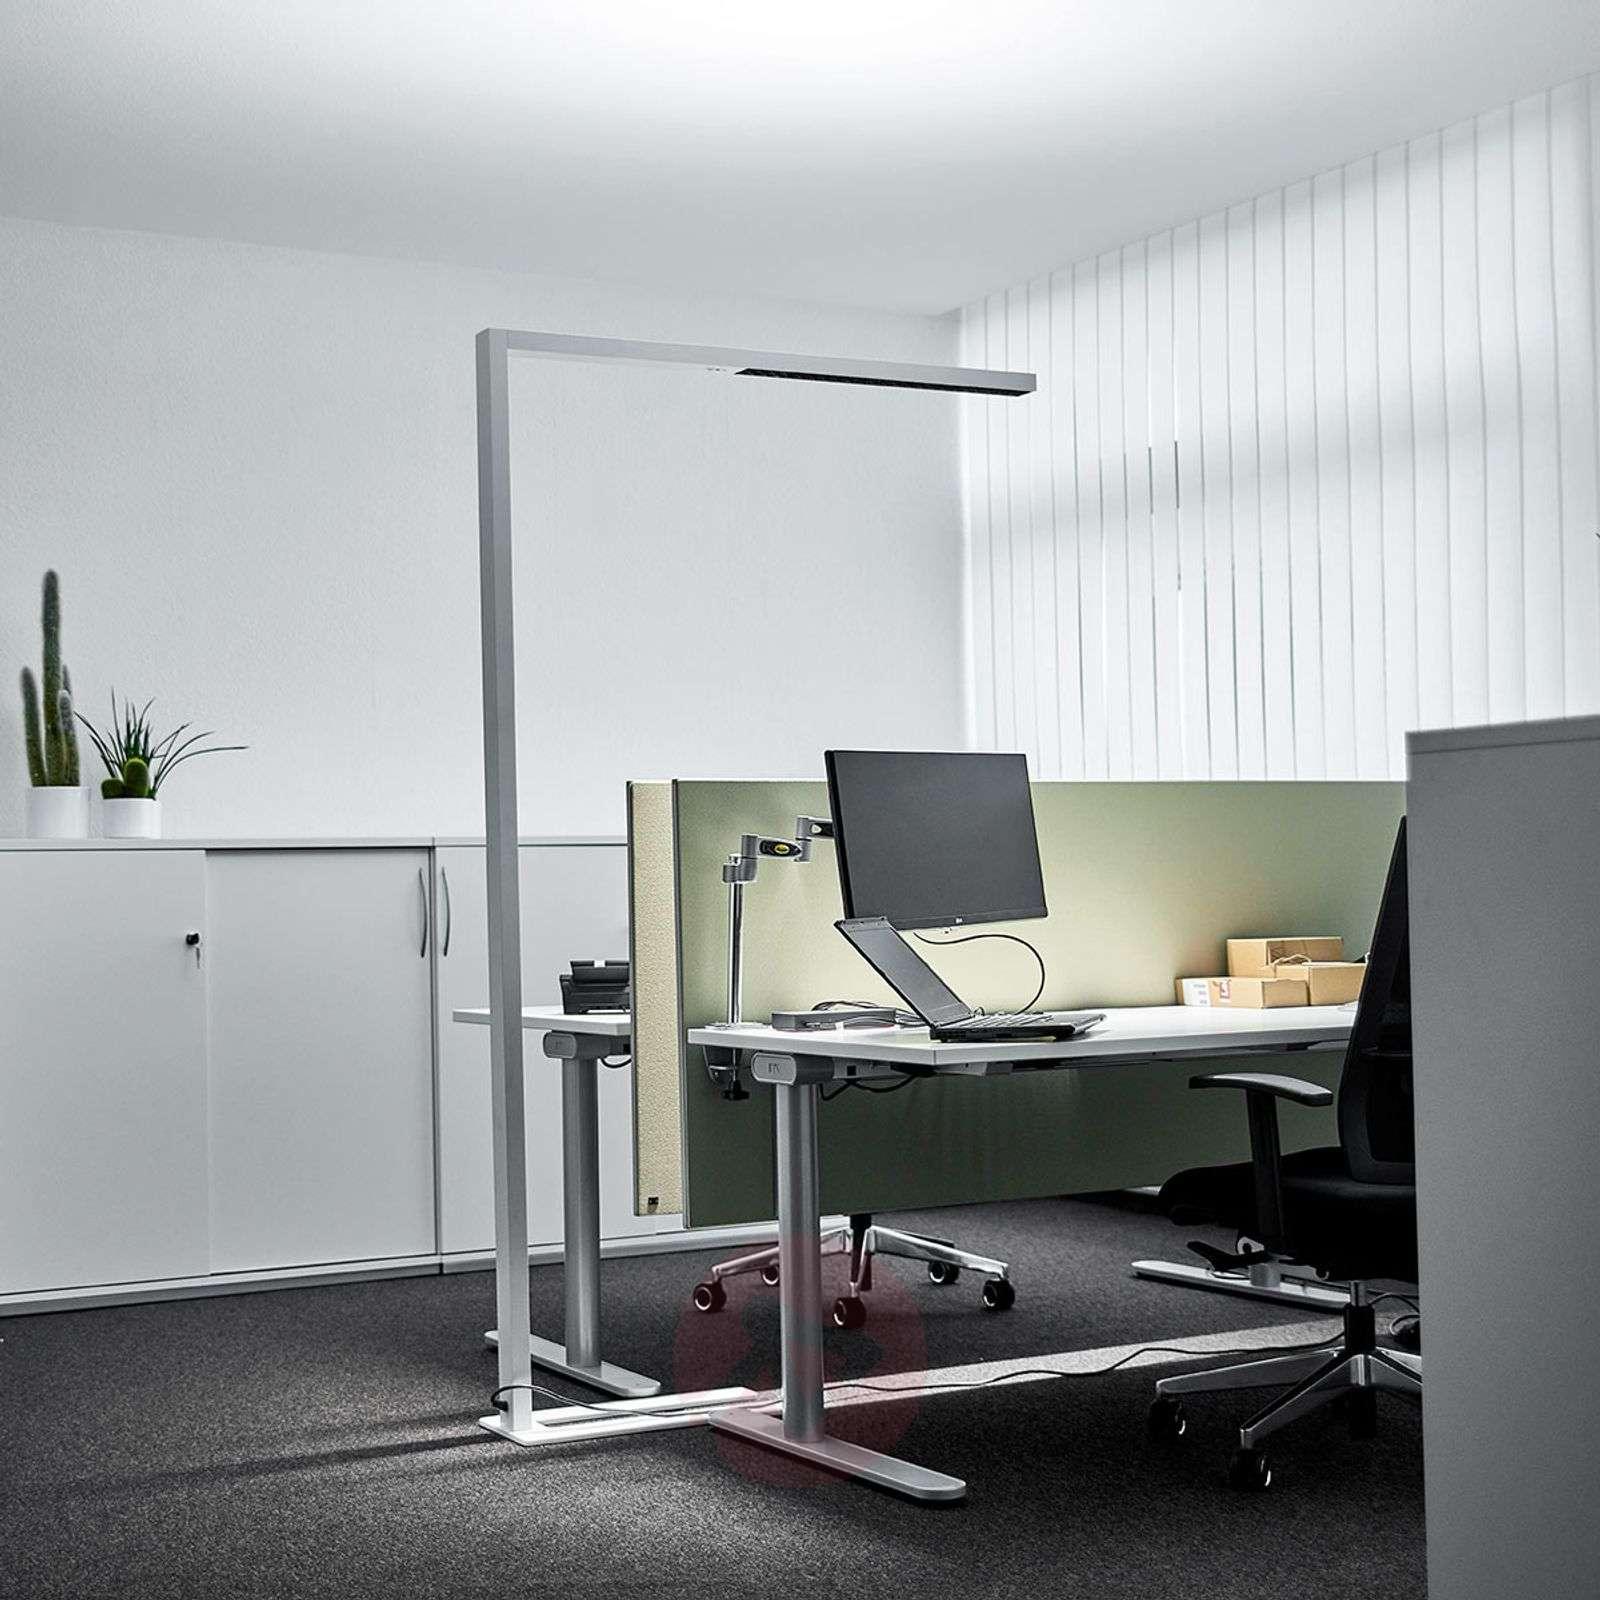 LED-toimistolattiavalaisin Jolinda, CCT, tunnistin-9968025-01